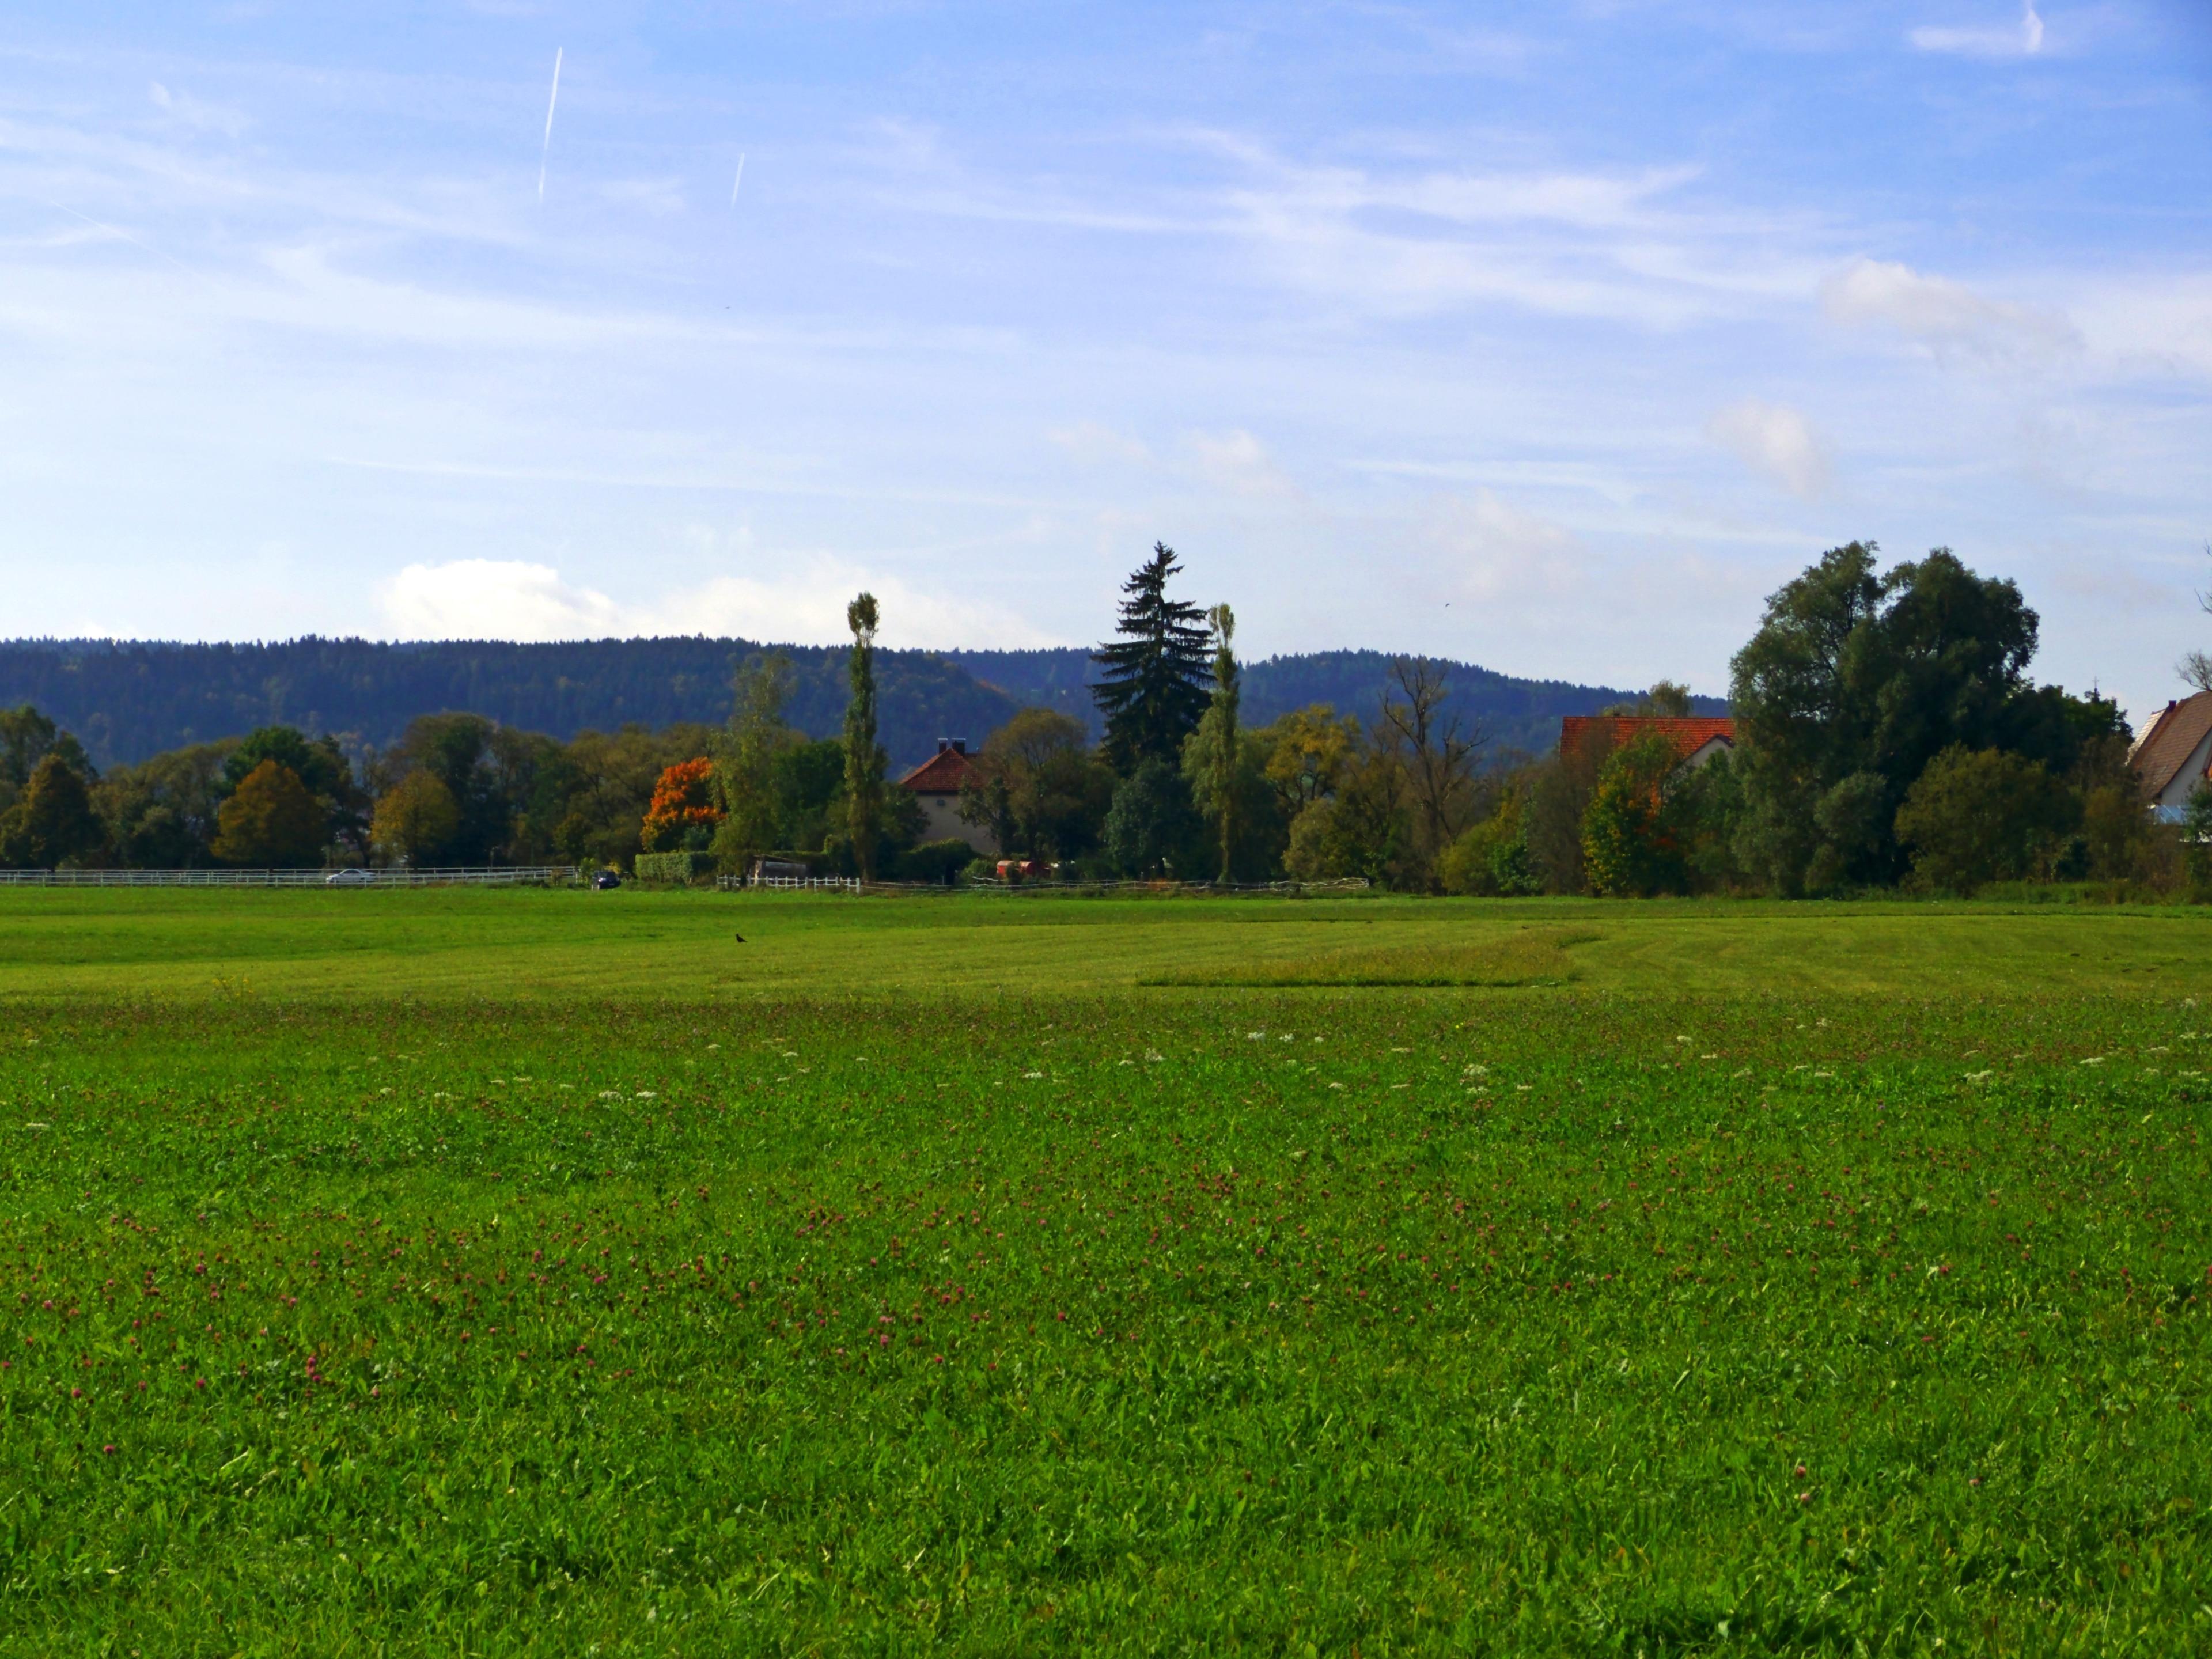 Stetten, Muhlheim an der Donau, Baden-Württemberg, Germany